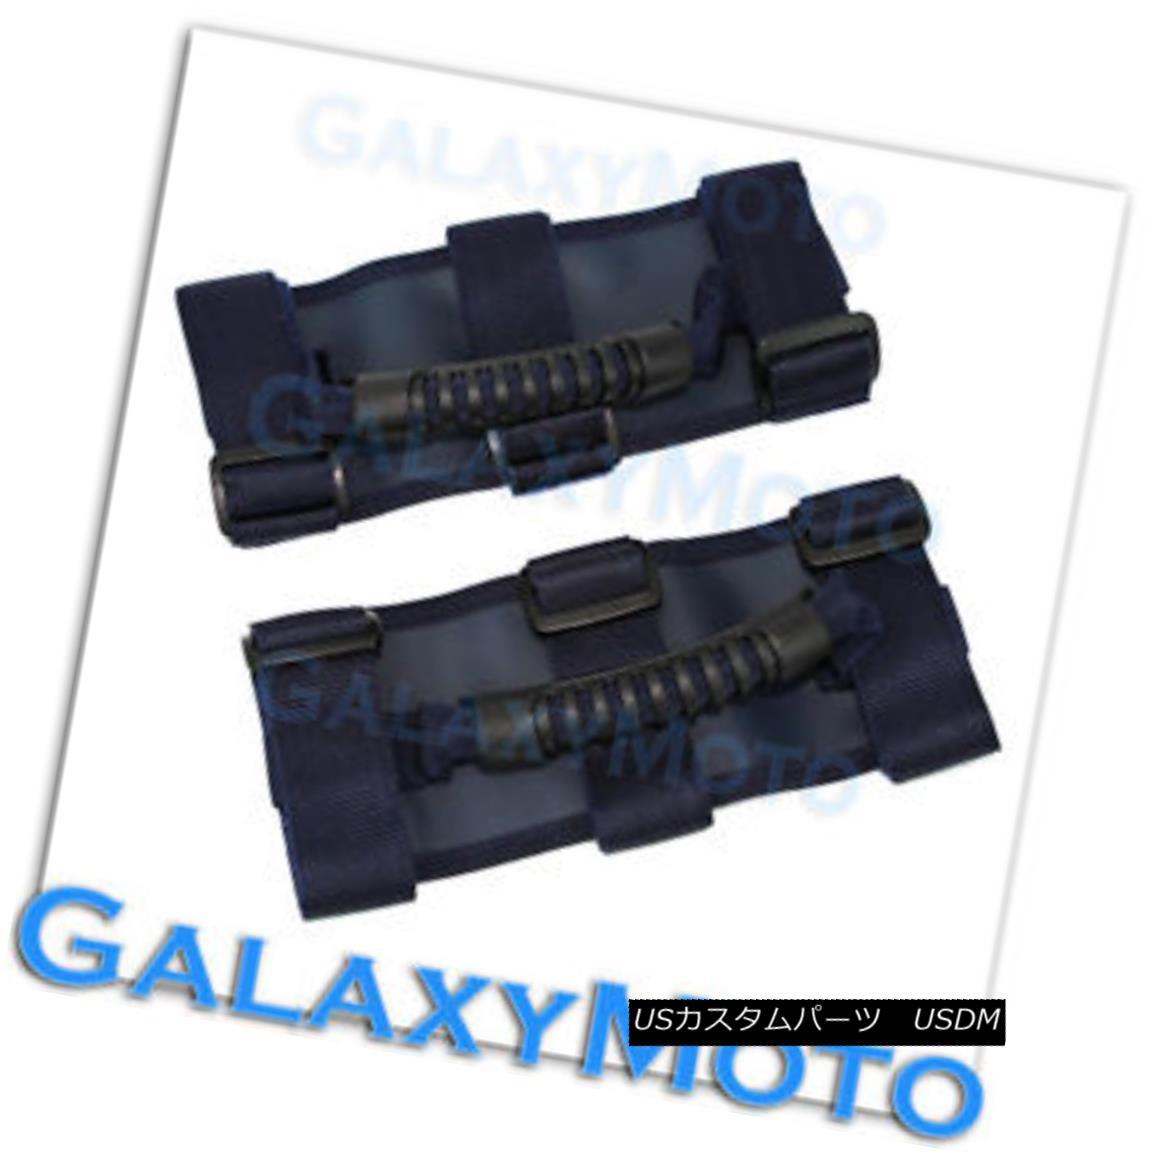 グリル Deluxe Extreme Premium BLUE Roll Bar Grab Handle for 87-16 Jeep Wrangler JK TJ Y デラックスエクストリームプレミアムブルーロールバーグラブハンドル87-16ジープラングラーJK TJ Y